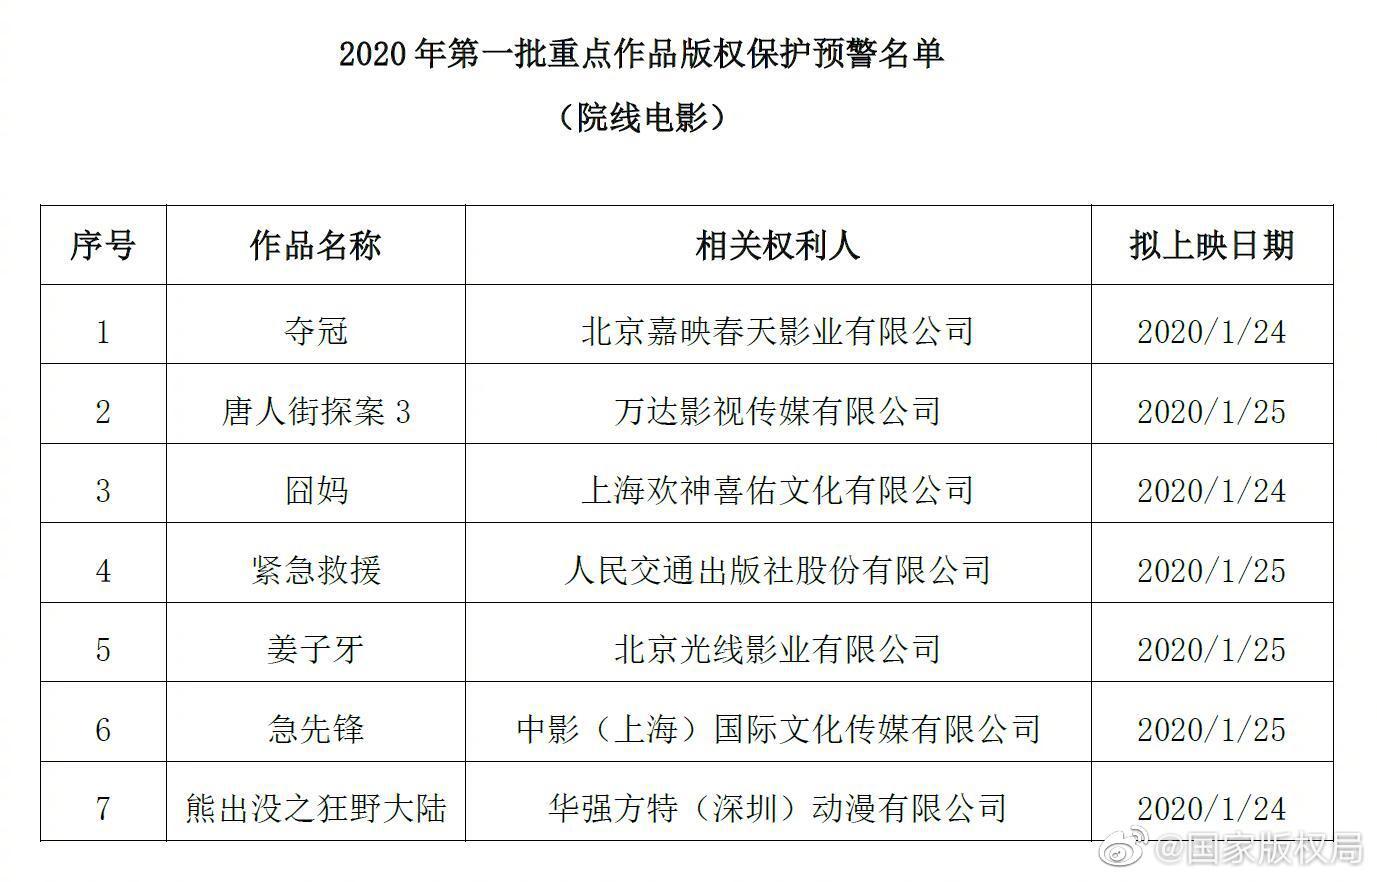 版权局公布保护预警名单 春节档7部大片均在内